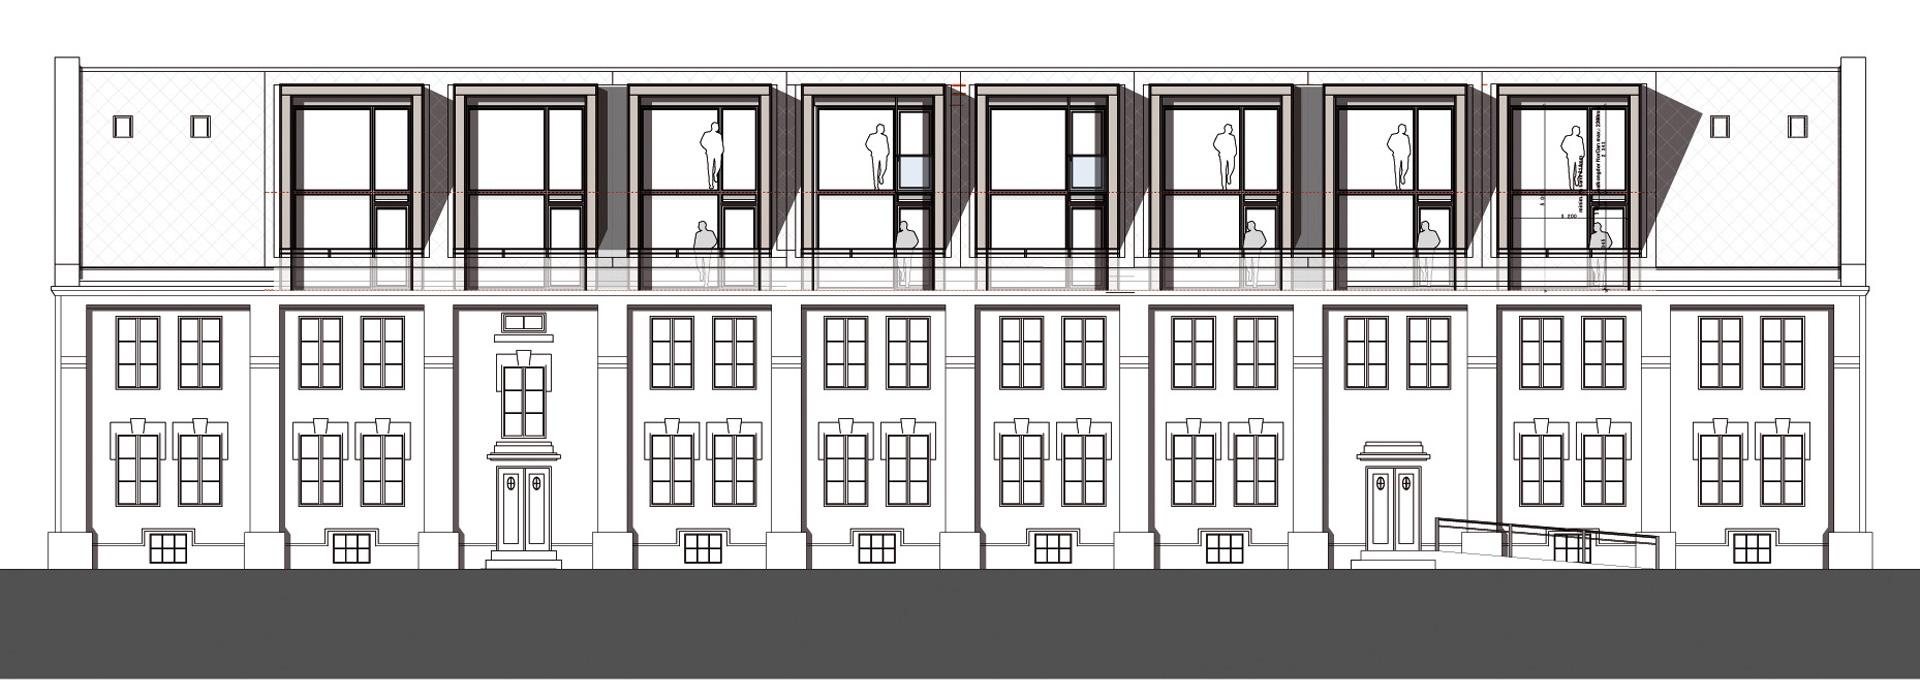 arkitektur_trondheim_hospitalslokkan_20b_ombygget_nye_boliger_leiligheter_oppriss_fasadetegning